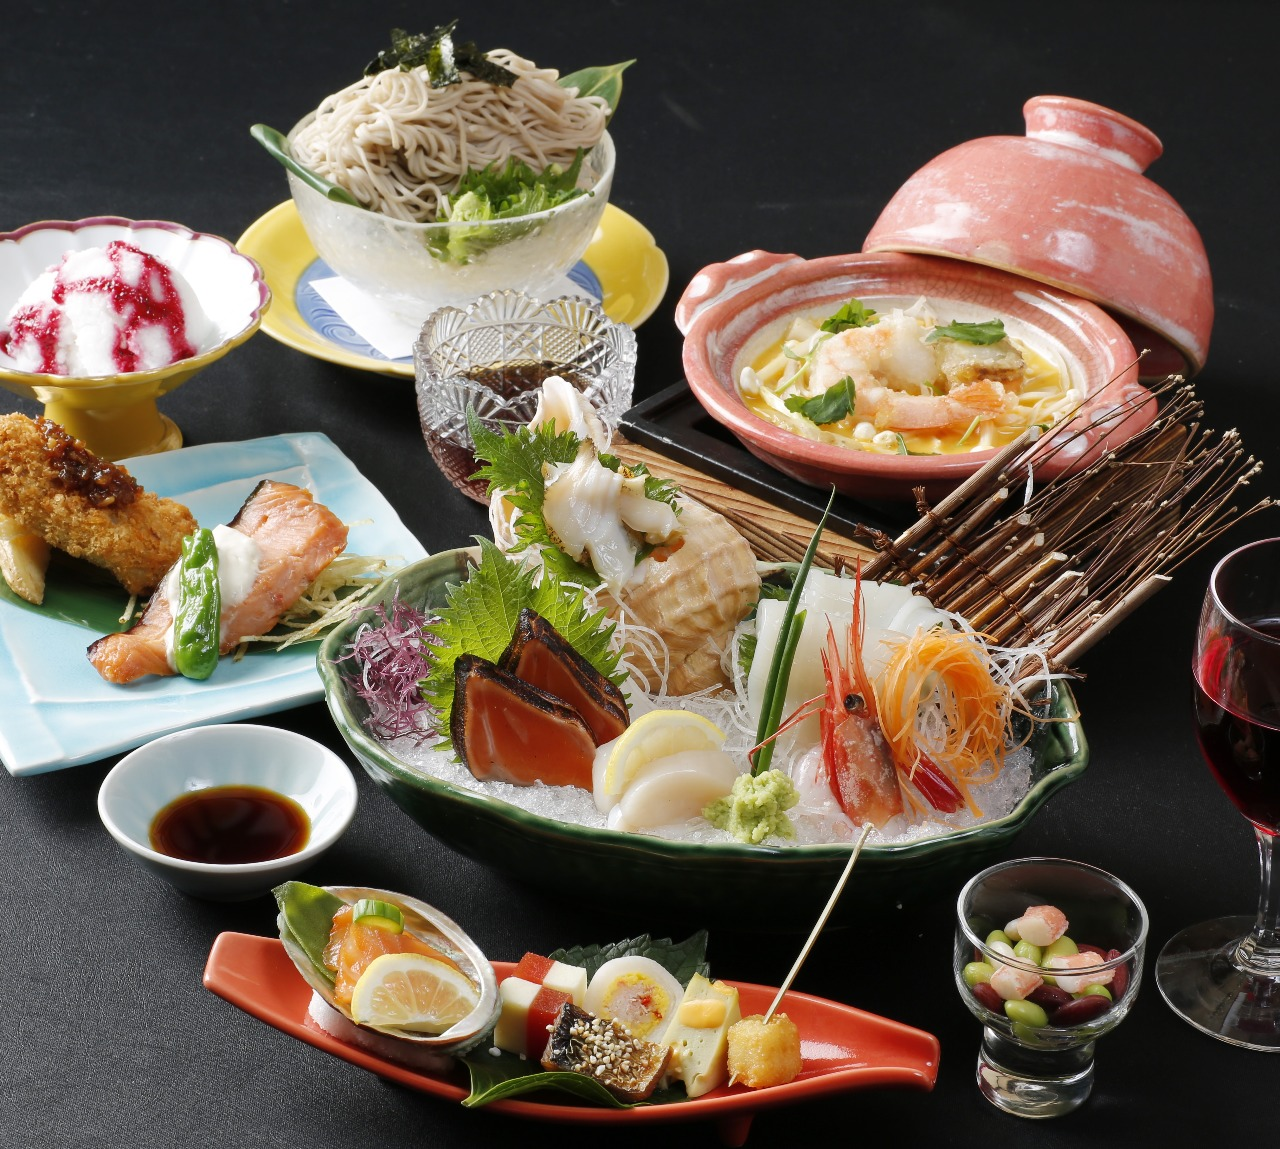 【夏の彩会食…お昼の女子会や各種お集りに】北海の彩会食 利尻